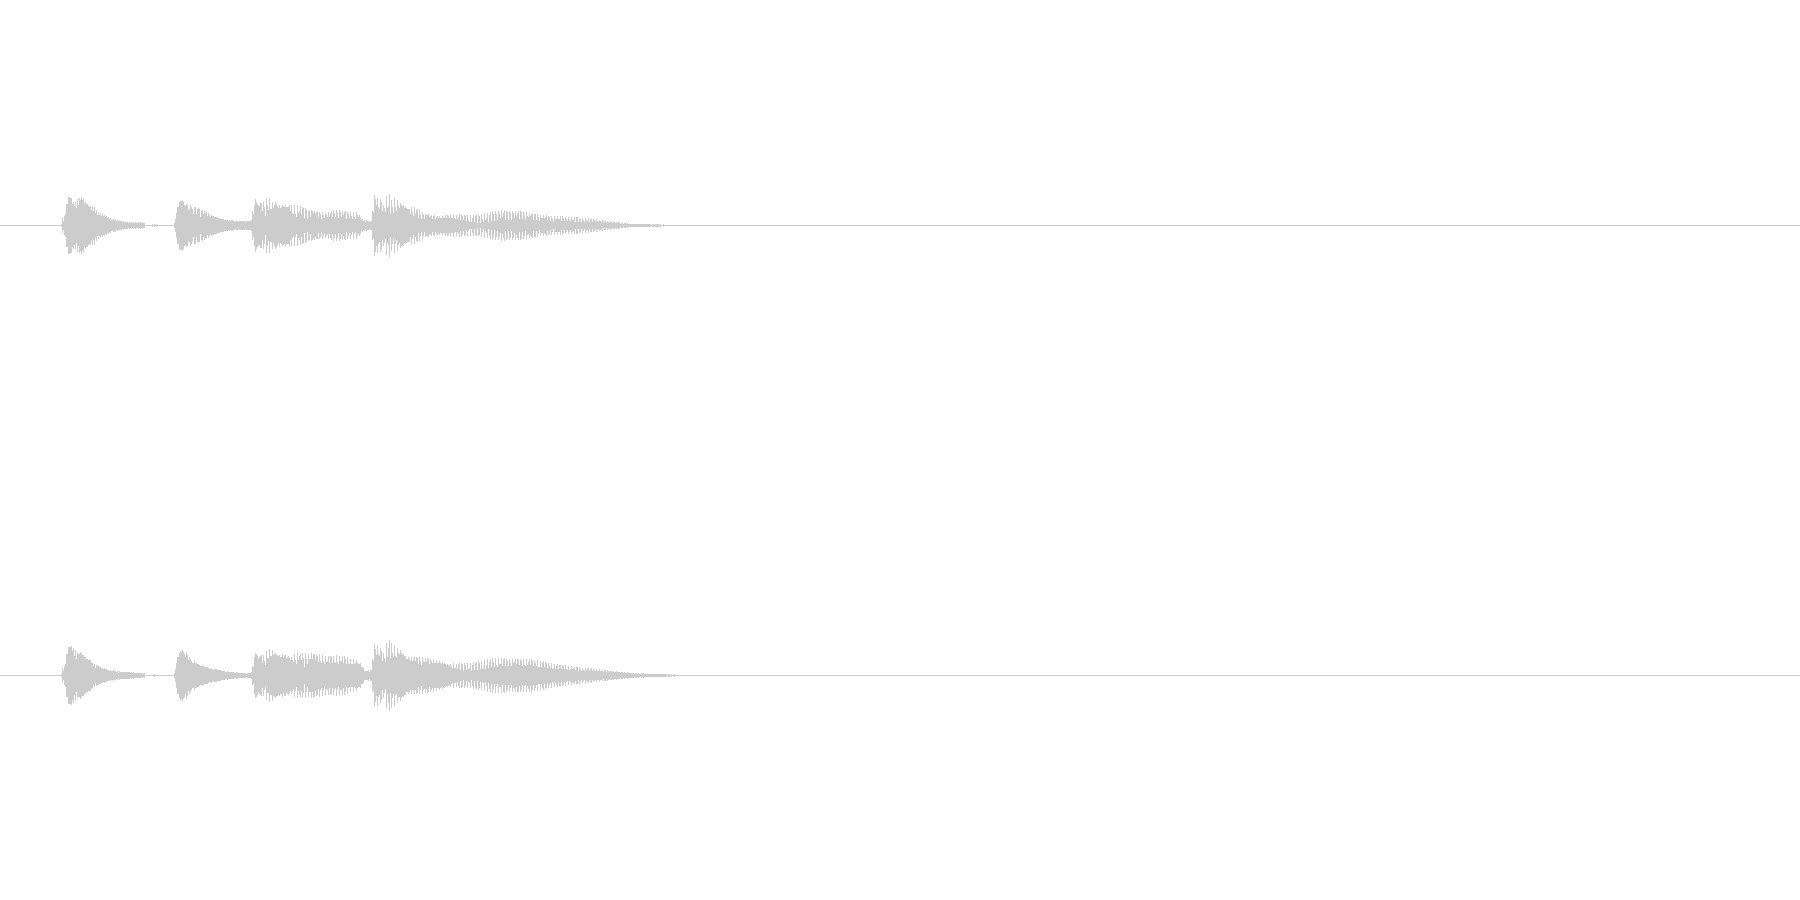 短い三味線のフレーズの未再生の波形